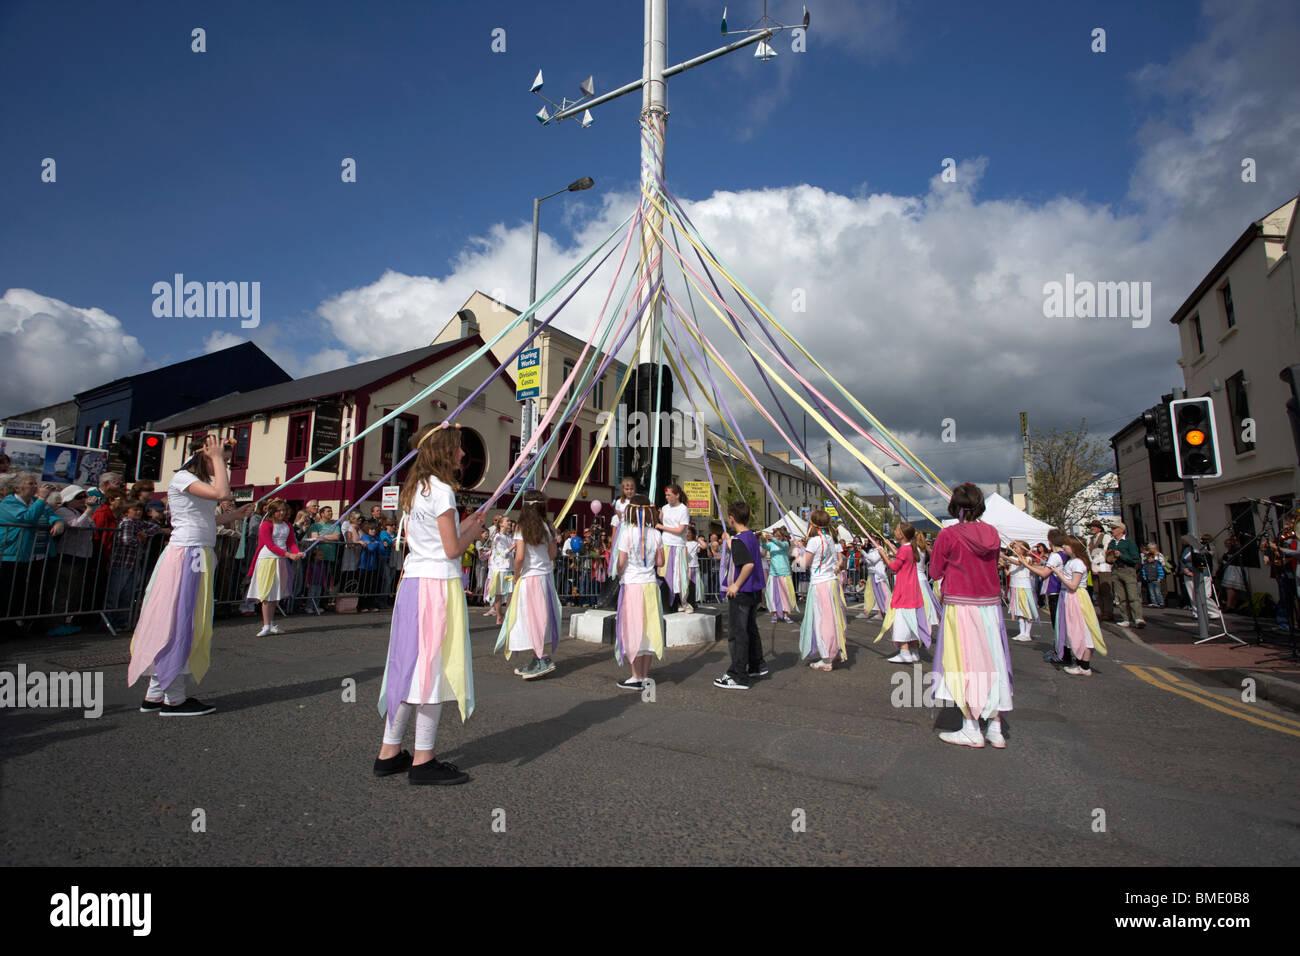 Kinder tanzen um den Maibaum Holywood am Maifeiertag in Holywood Grafschaft unten Nordirland Vereinigtes Königreich Stockbild